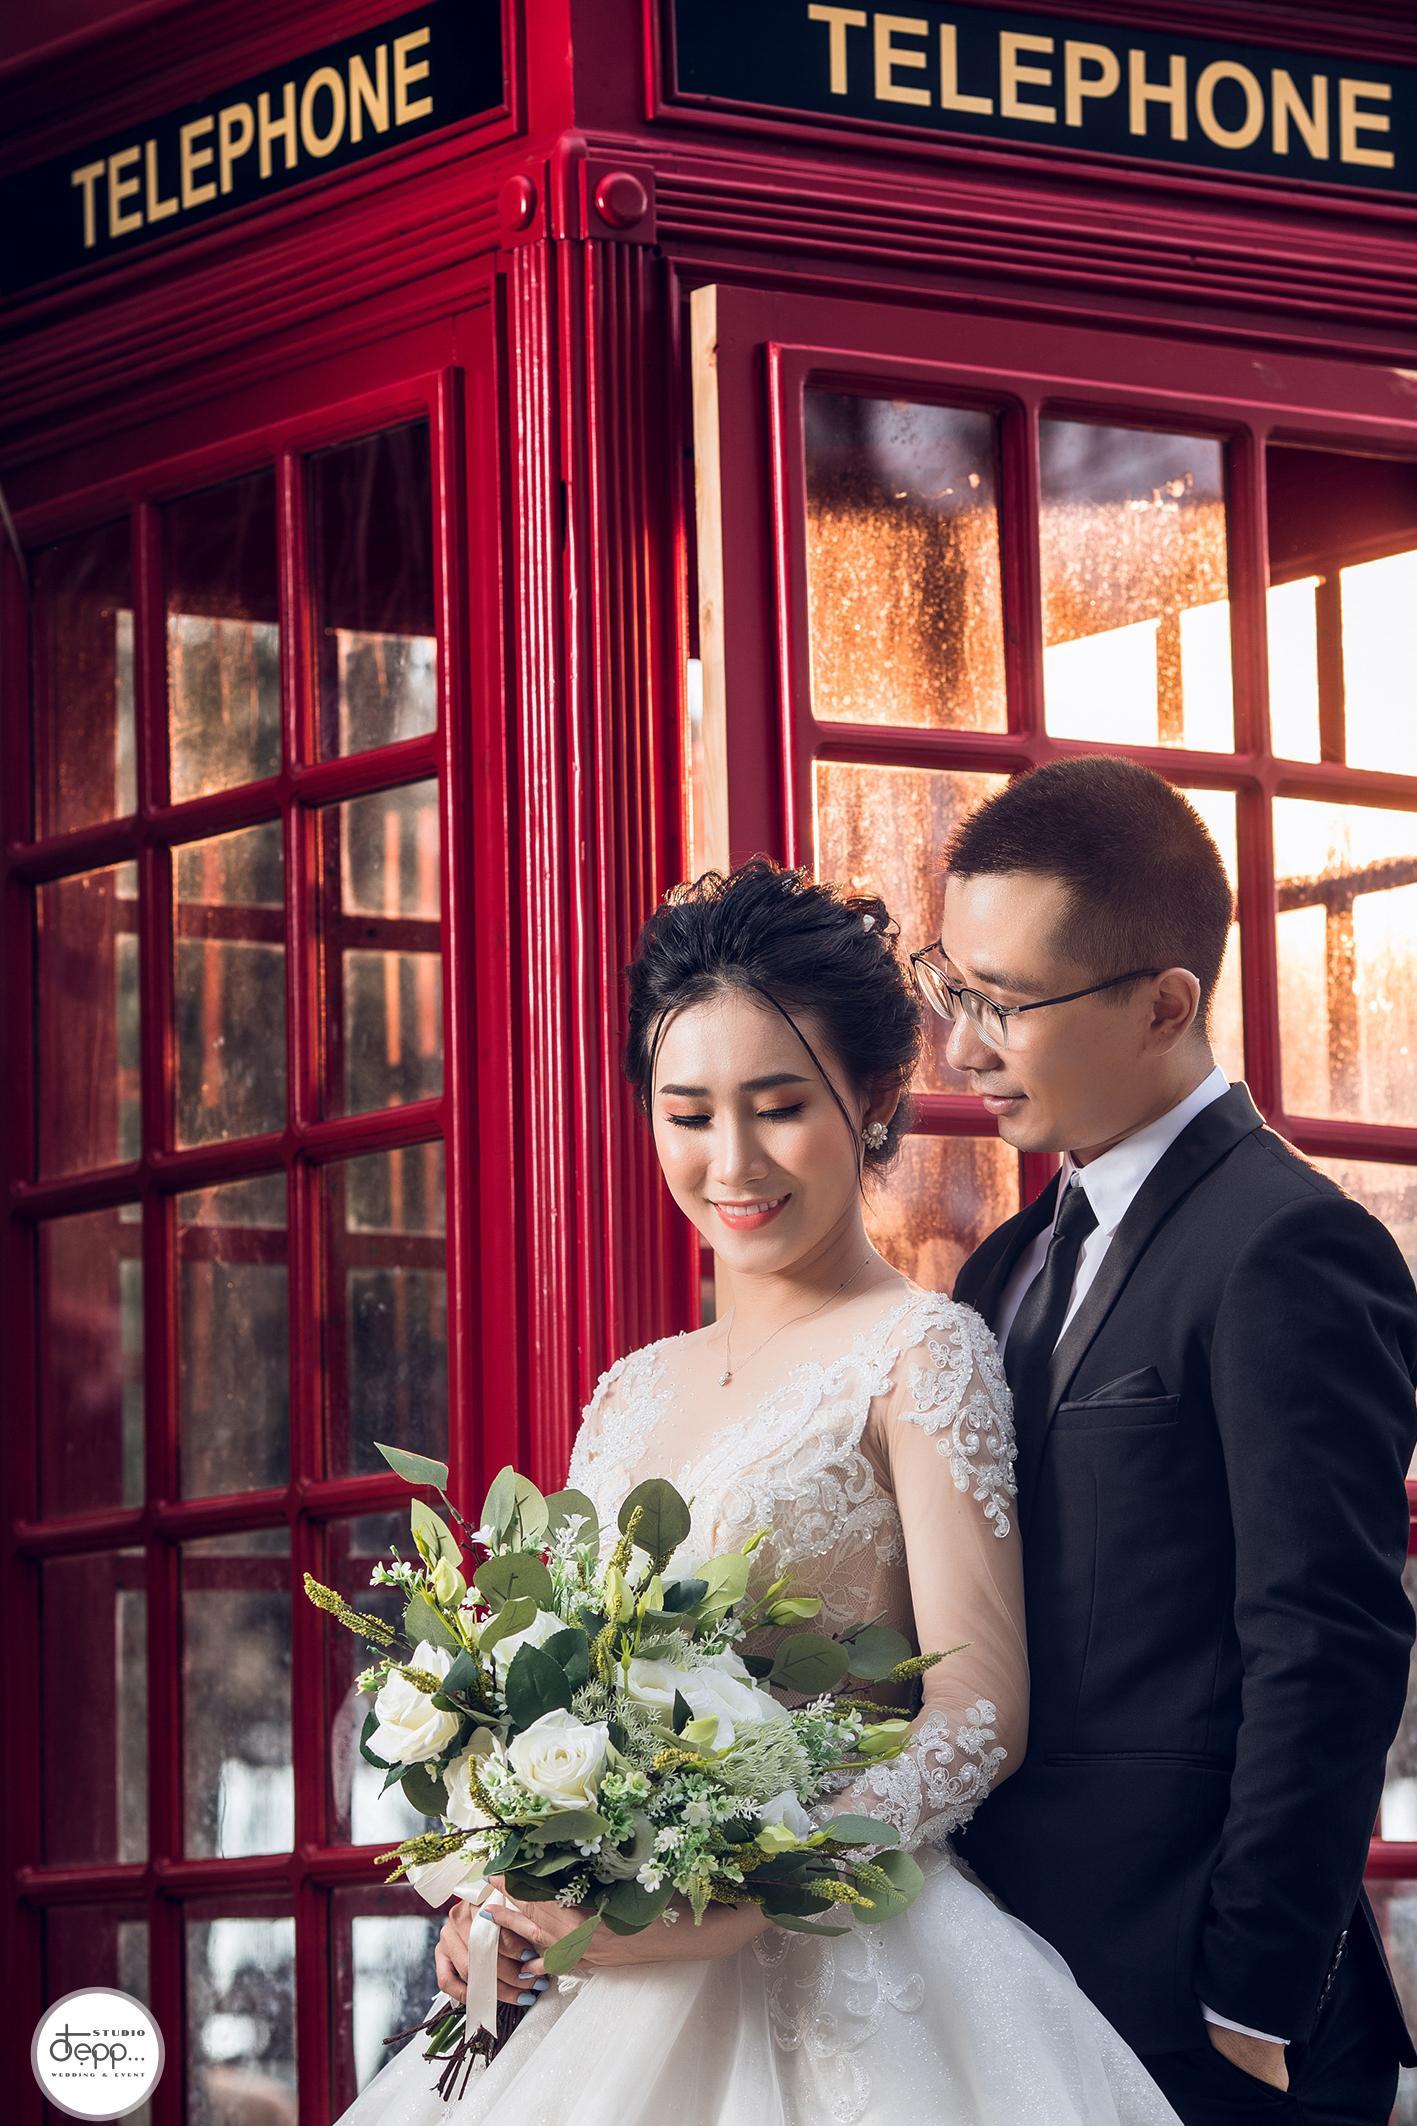 Đẹpp Studio - Tiệm chụp ảnh cưới đẹp và lớn nhất Củ Chi